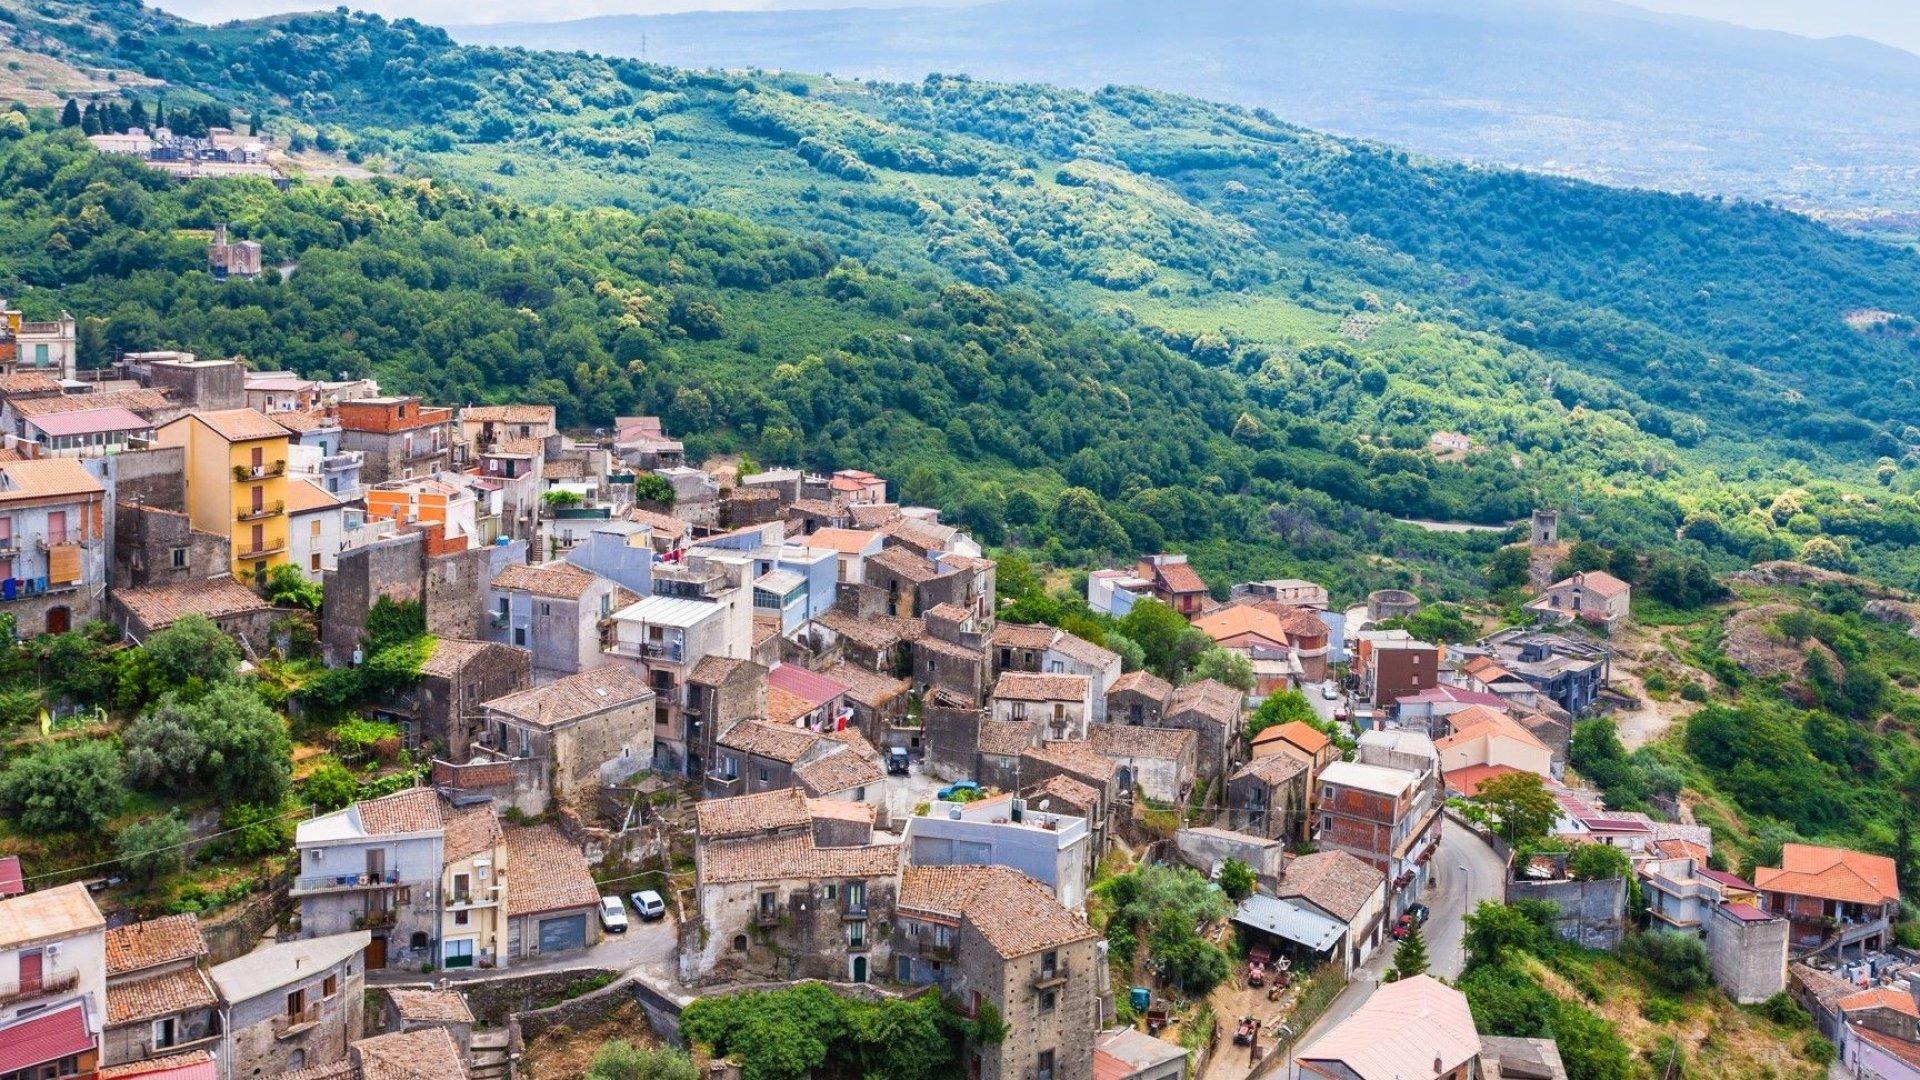 Панорамна гледка - Кастильоне ди Сичилия